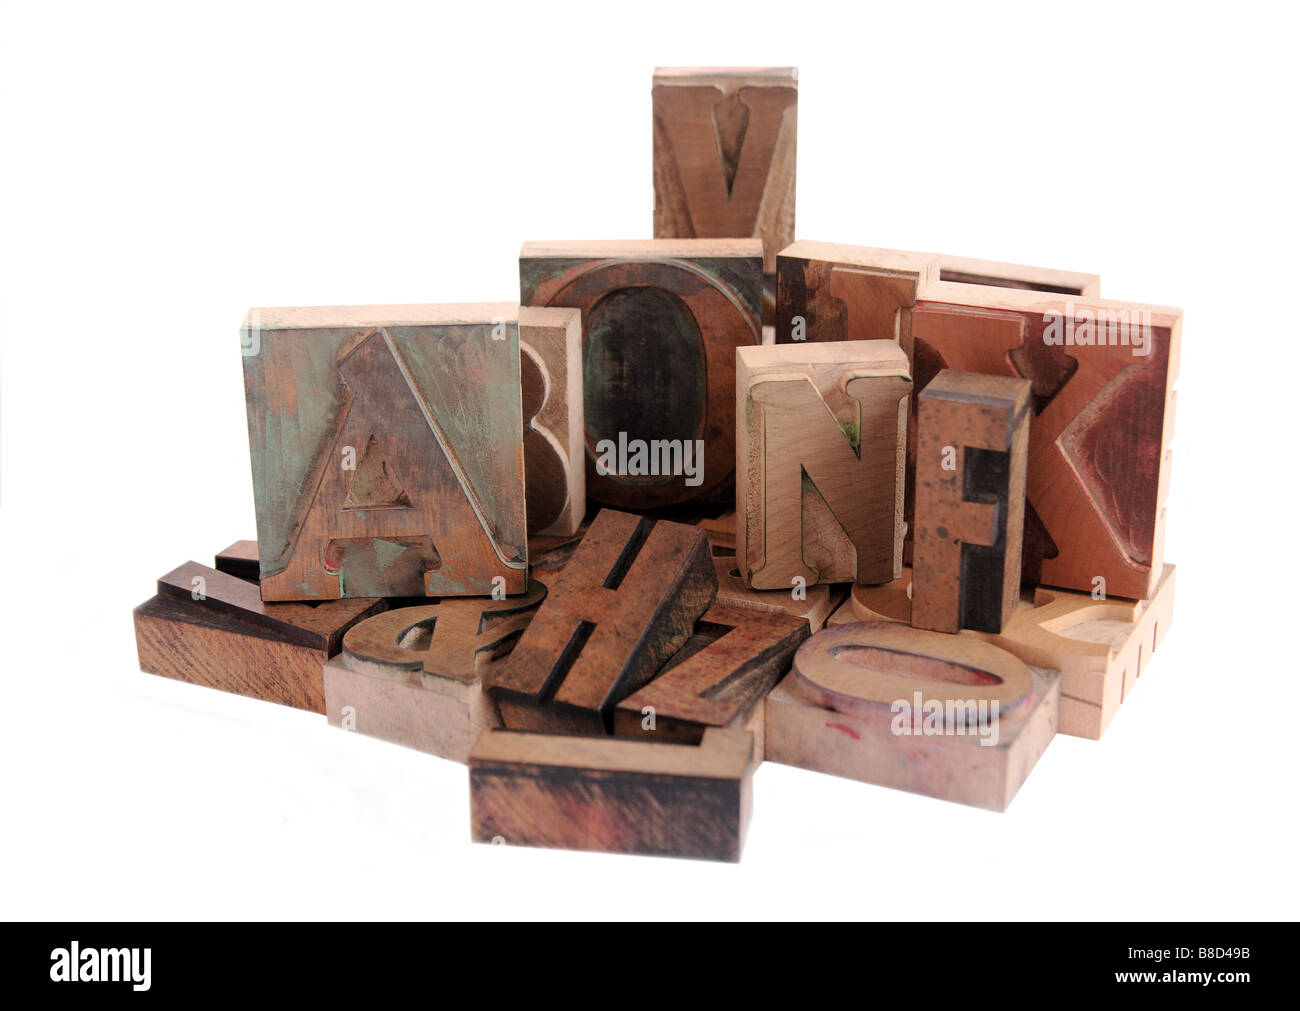 Una disposizione di stampa in rilievo le lettere di legno in vari caratteri Immagini Stock